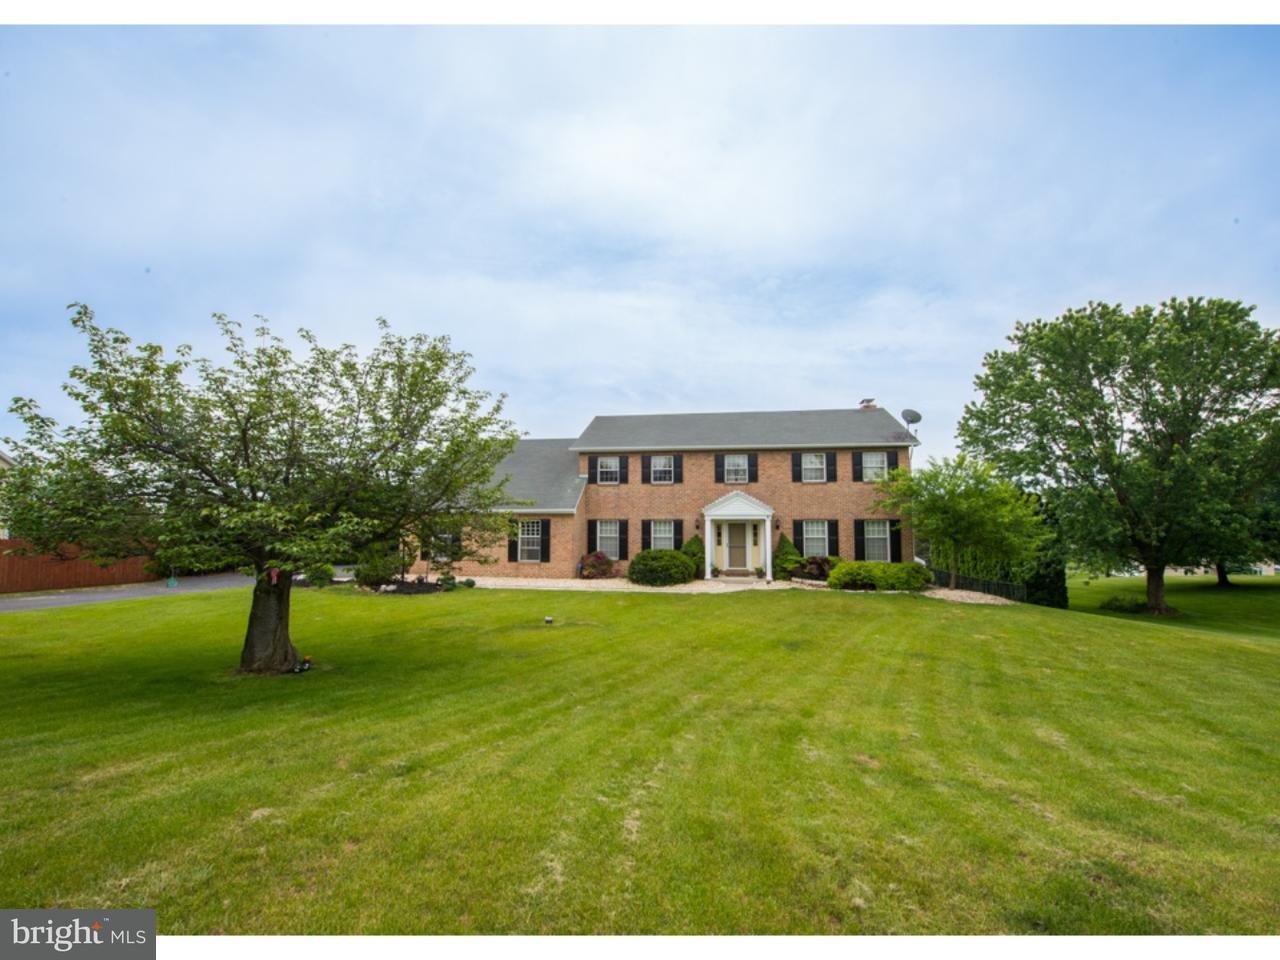 Частный односемейный дом для того Продажа на 2770 BRIDLE PATH Road Slatington, Пенсильвания 18080 Соединенные Штаты